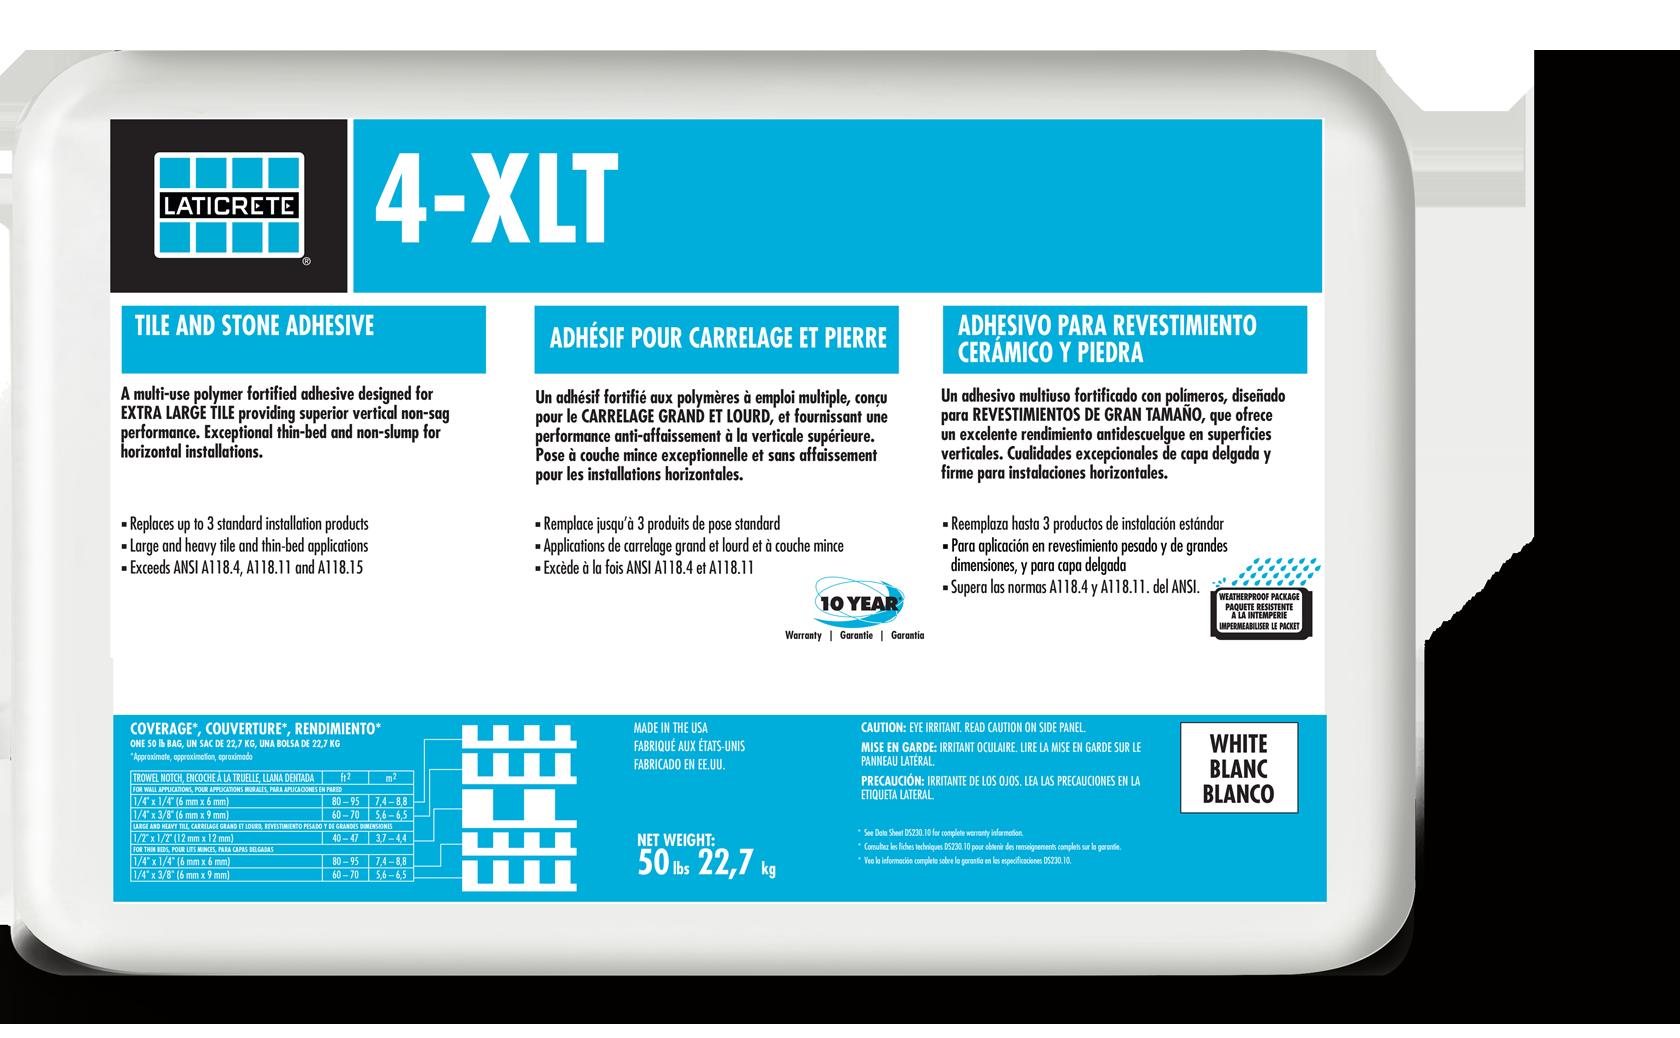 4-XLT